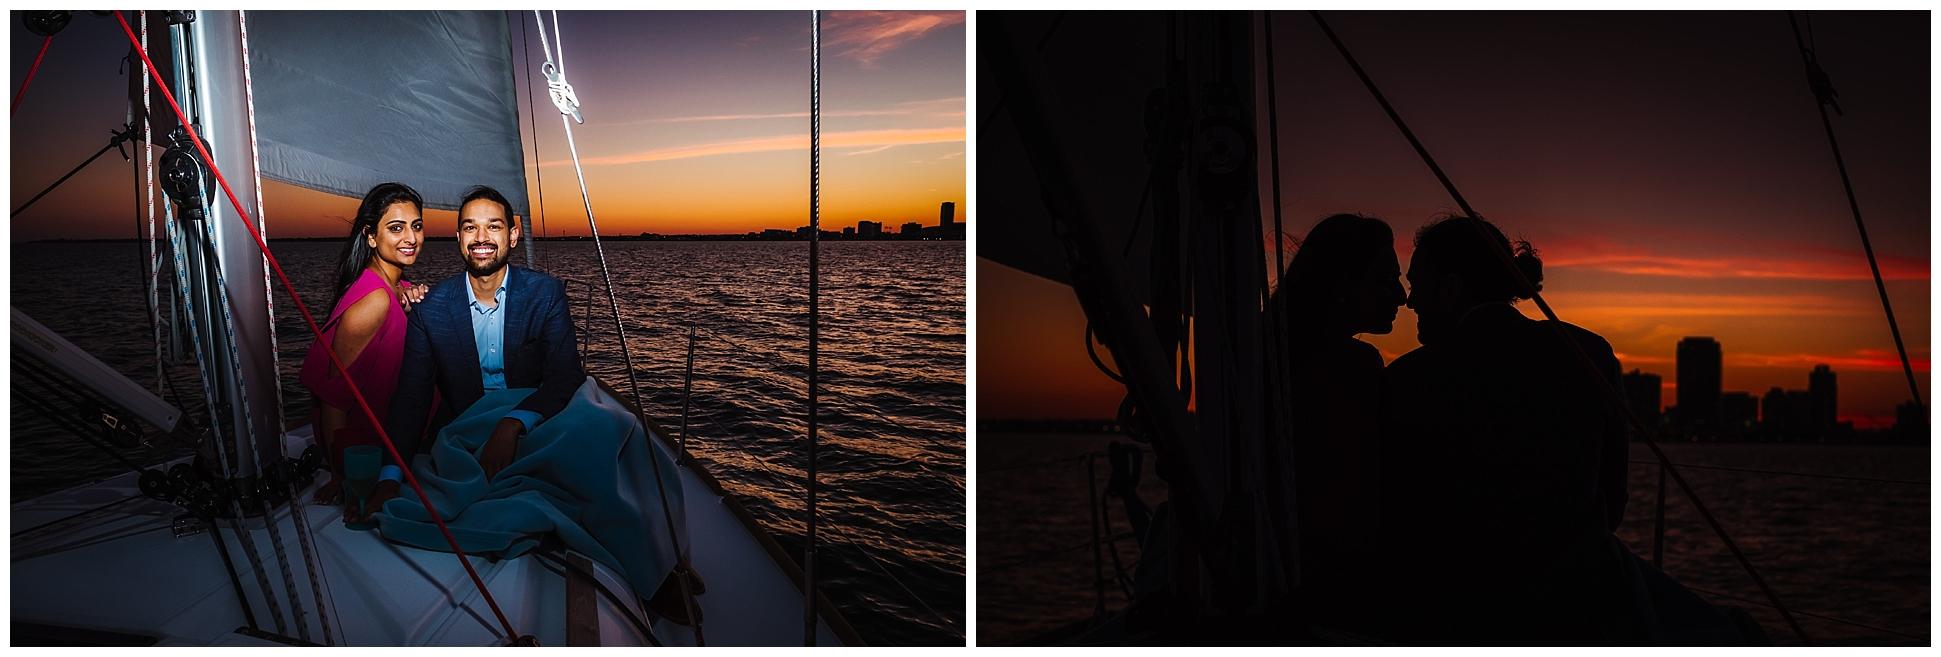 tampa bay-sailboat-sunset-proposal-engagememnt_0030.jpg